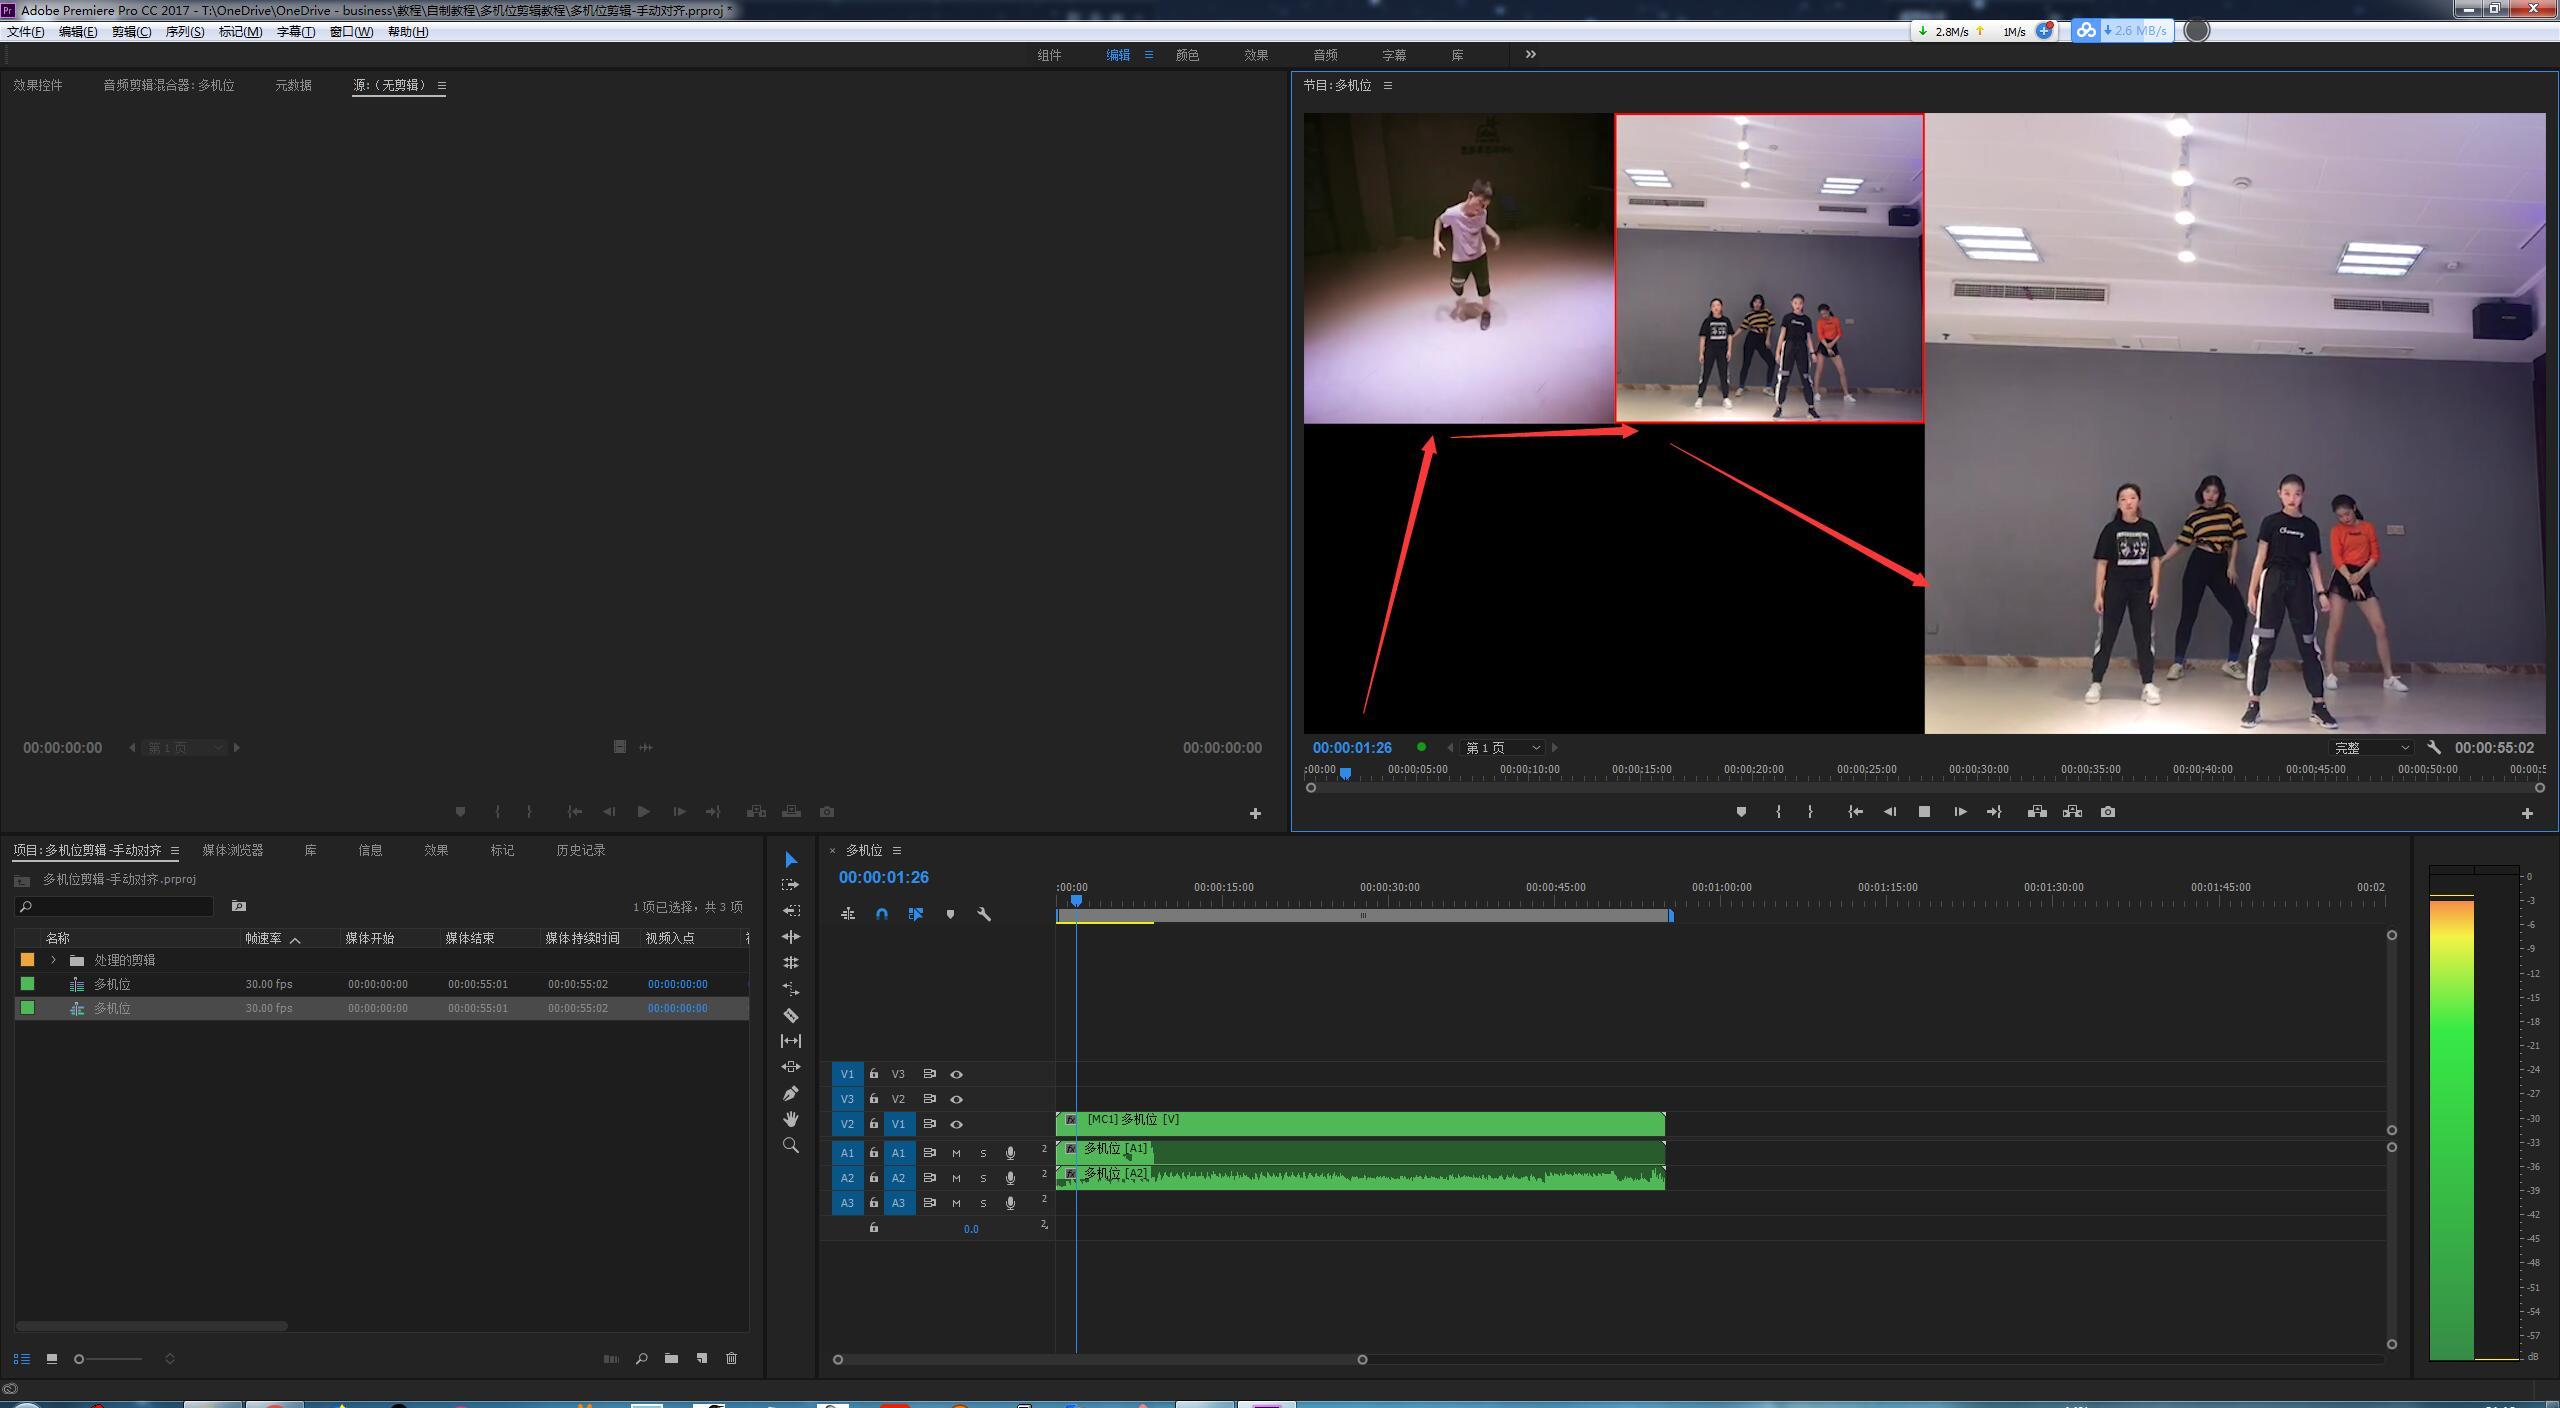 10点击左边小窗切换画面 右面为最终画面效果.jpg